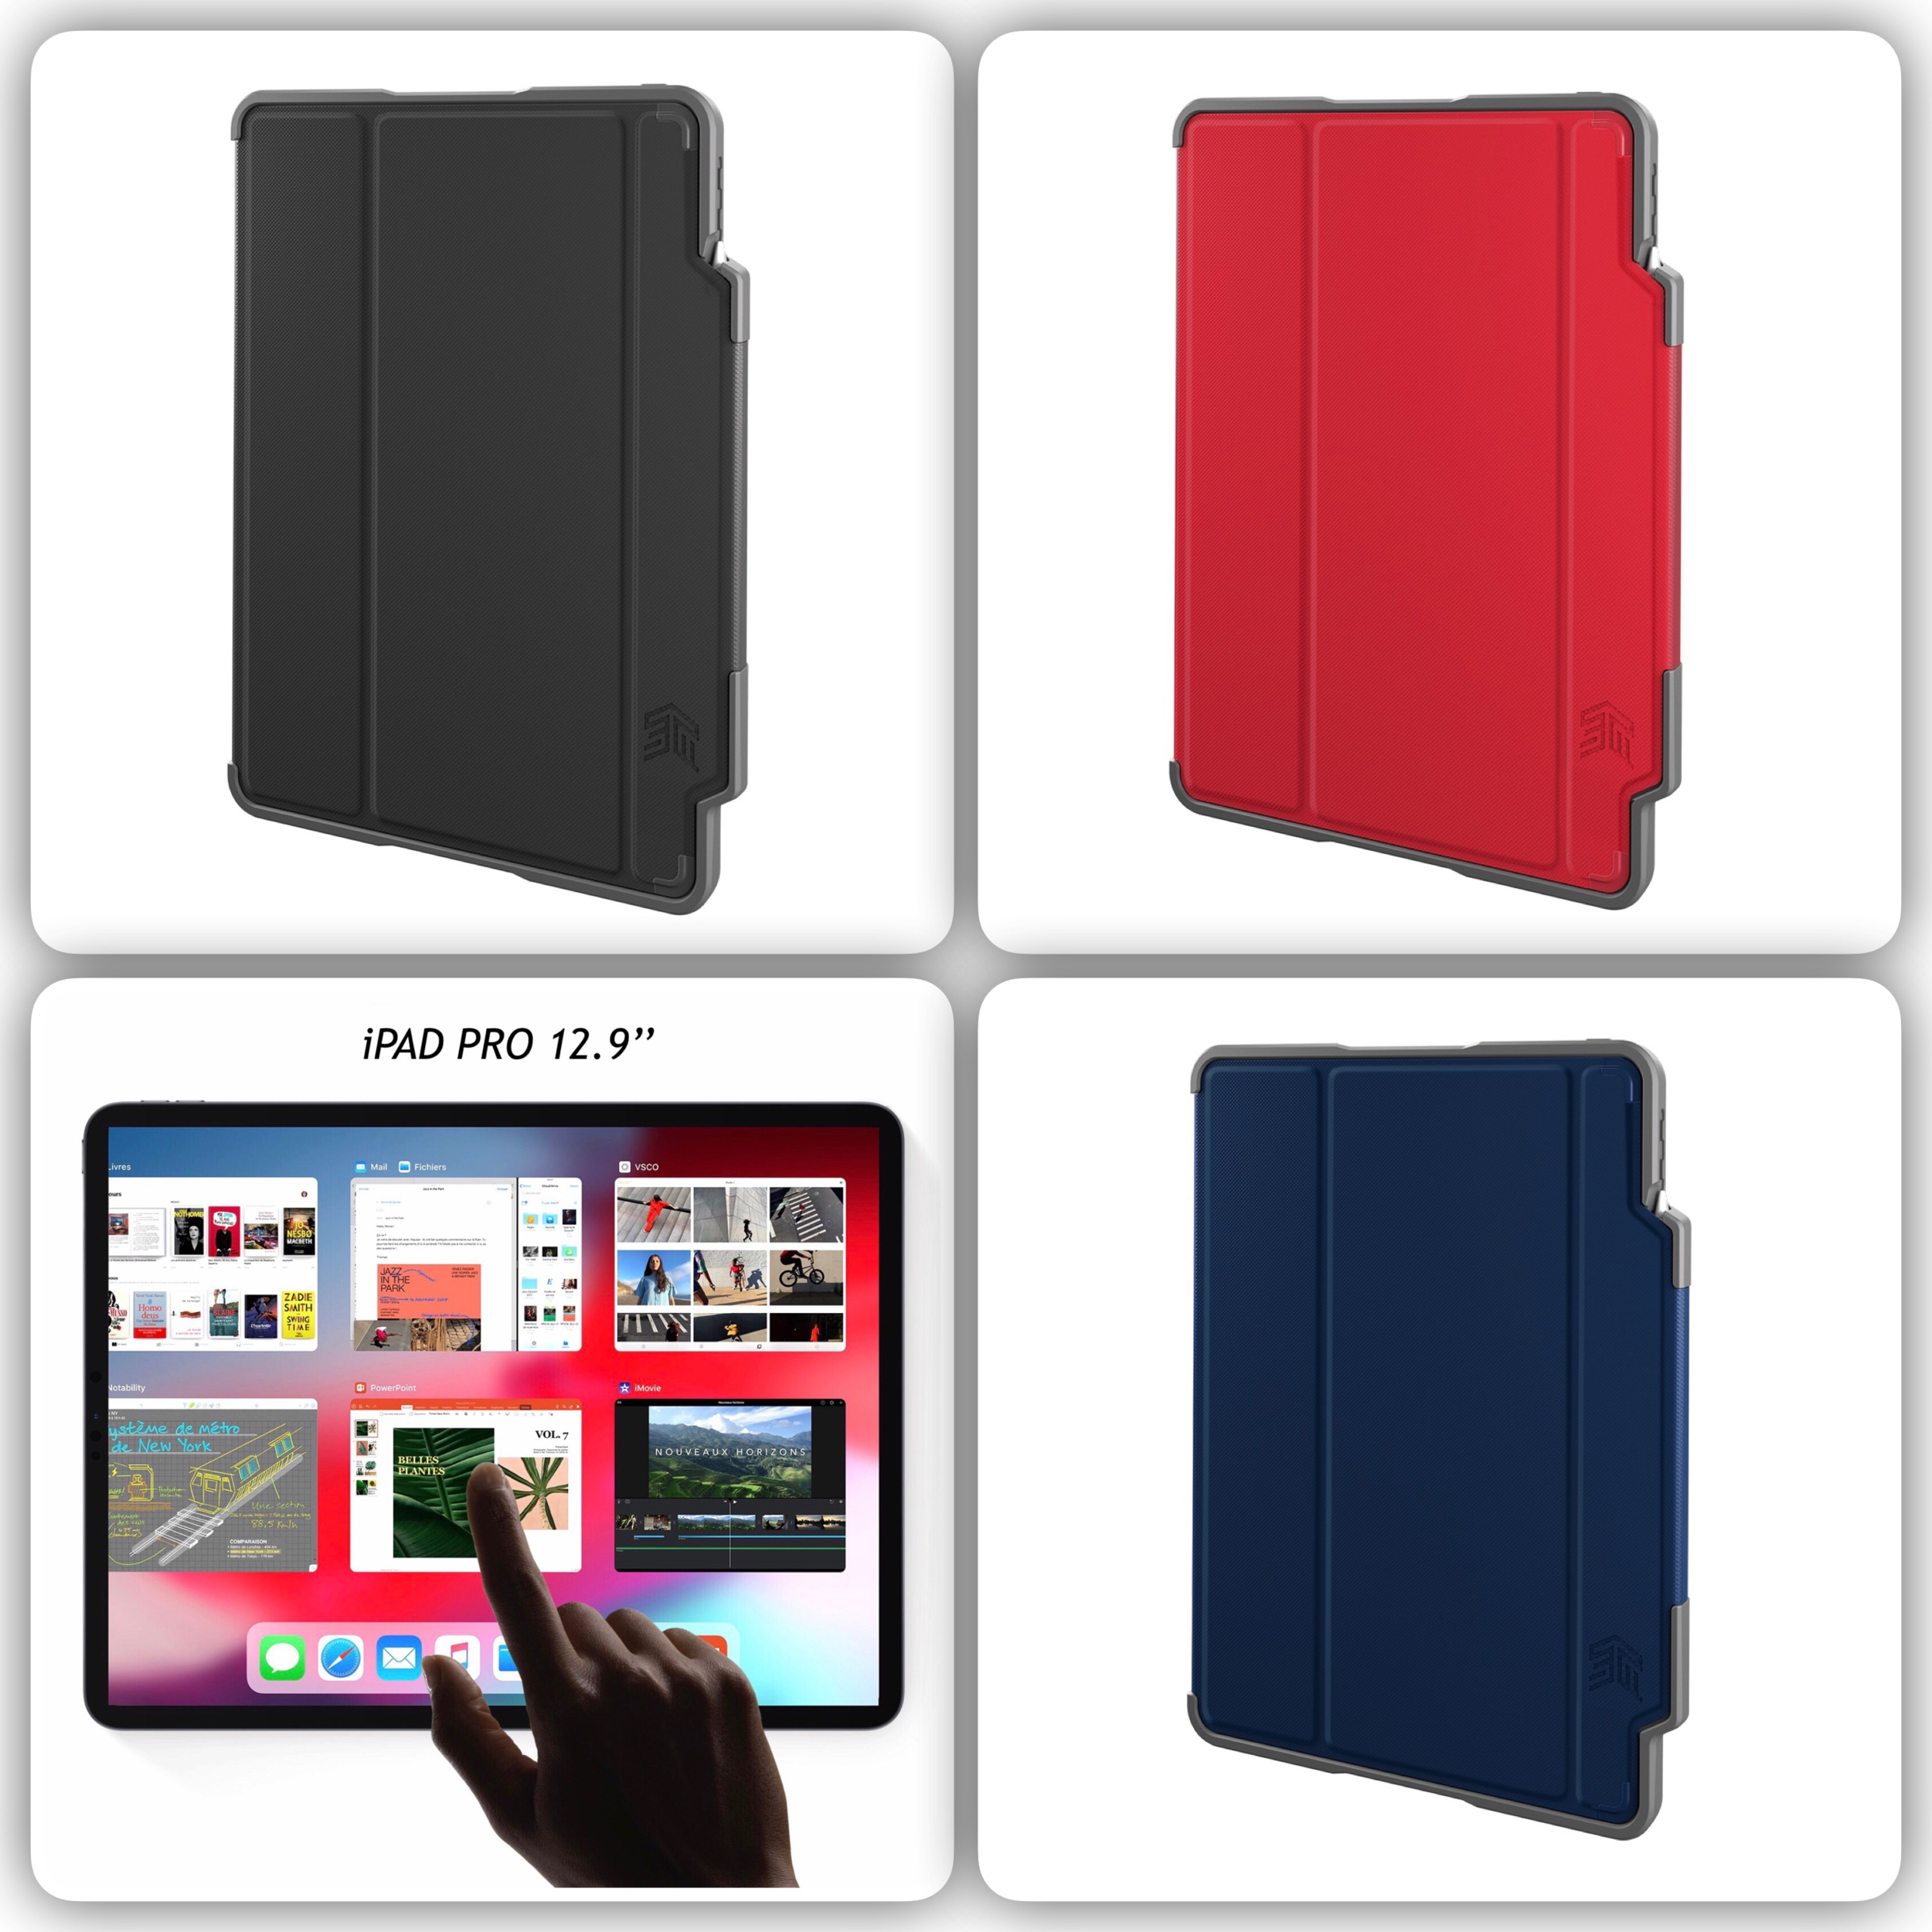 Bundle 2 en 1 Etui et verre protection ecran iPad PRO 2018 12.9 pouces 3e Gen Dux Plus et Charge magnetique Stylet